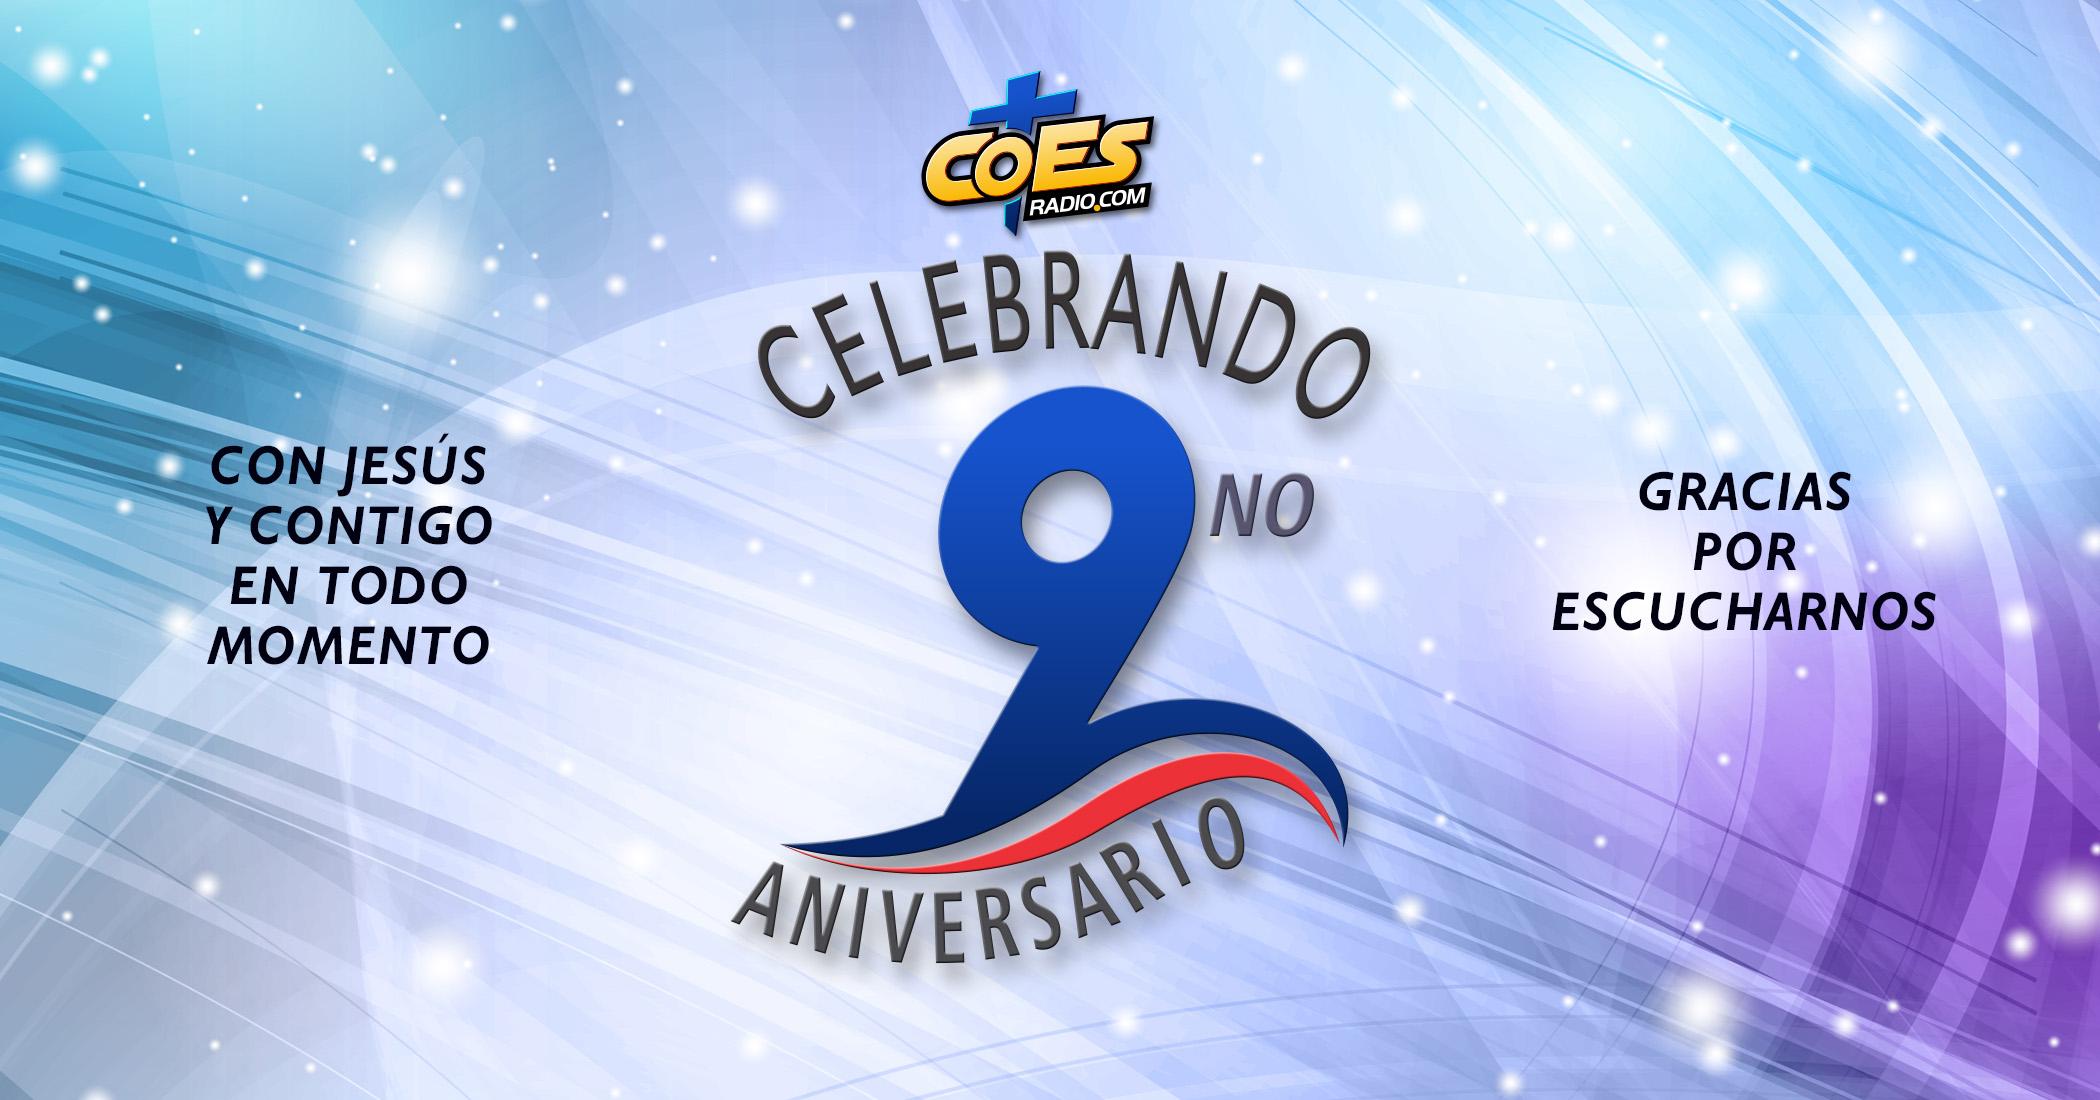 CoEsRadio Celebra su 9no Aniversario